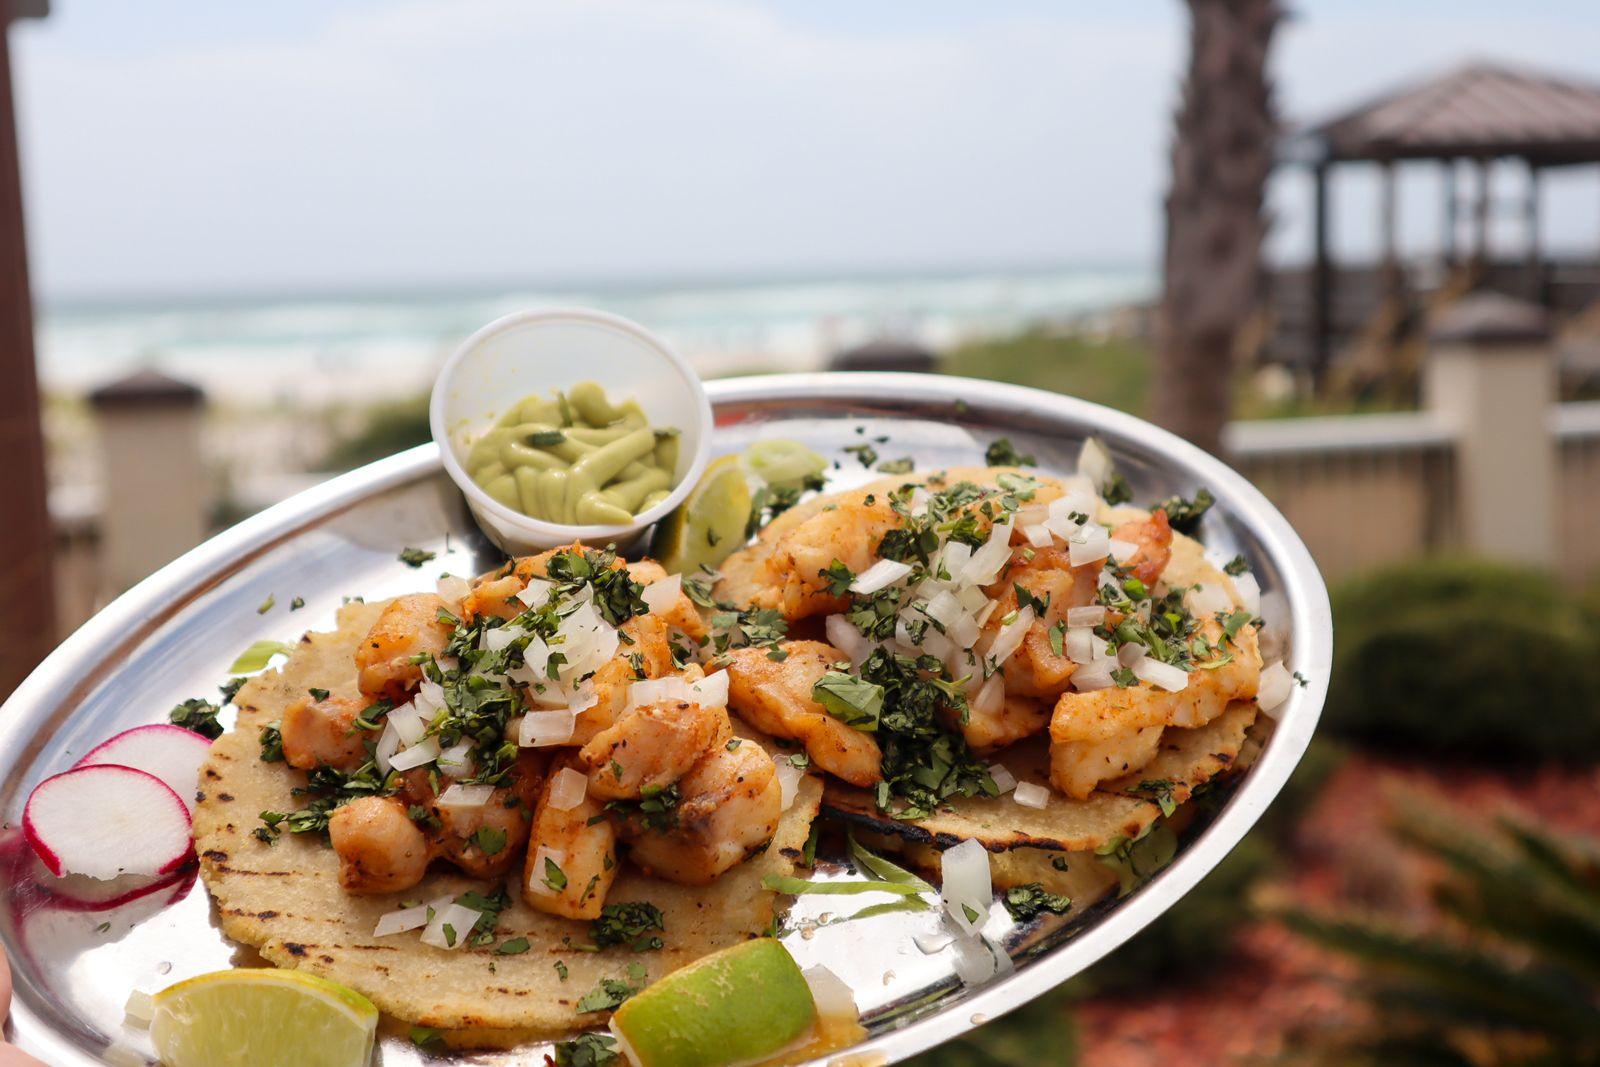 Le restaurant Sal de Mar de Pensacola Beach bouleverse la scène typique du bar de l'hôtel avec des cocktails fantaisistes et des plats espagnols authentiques